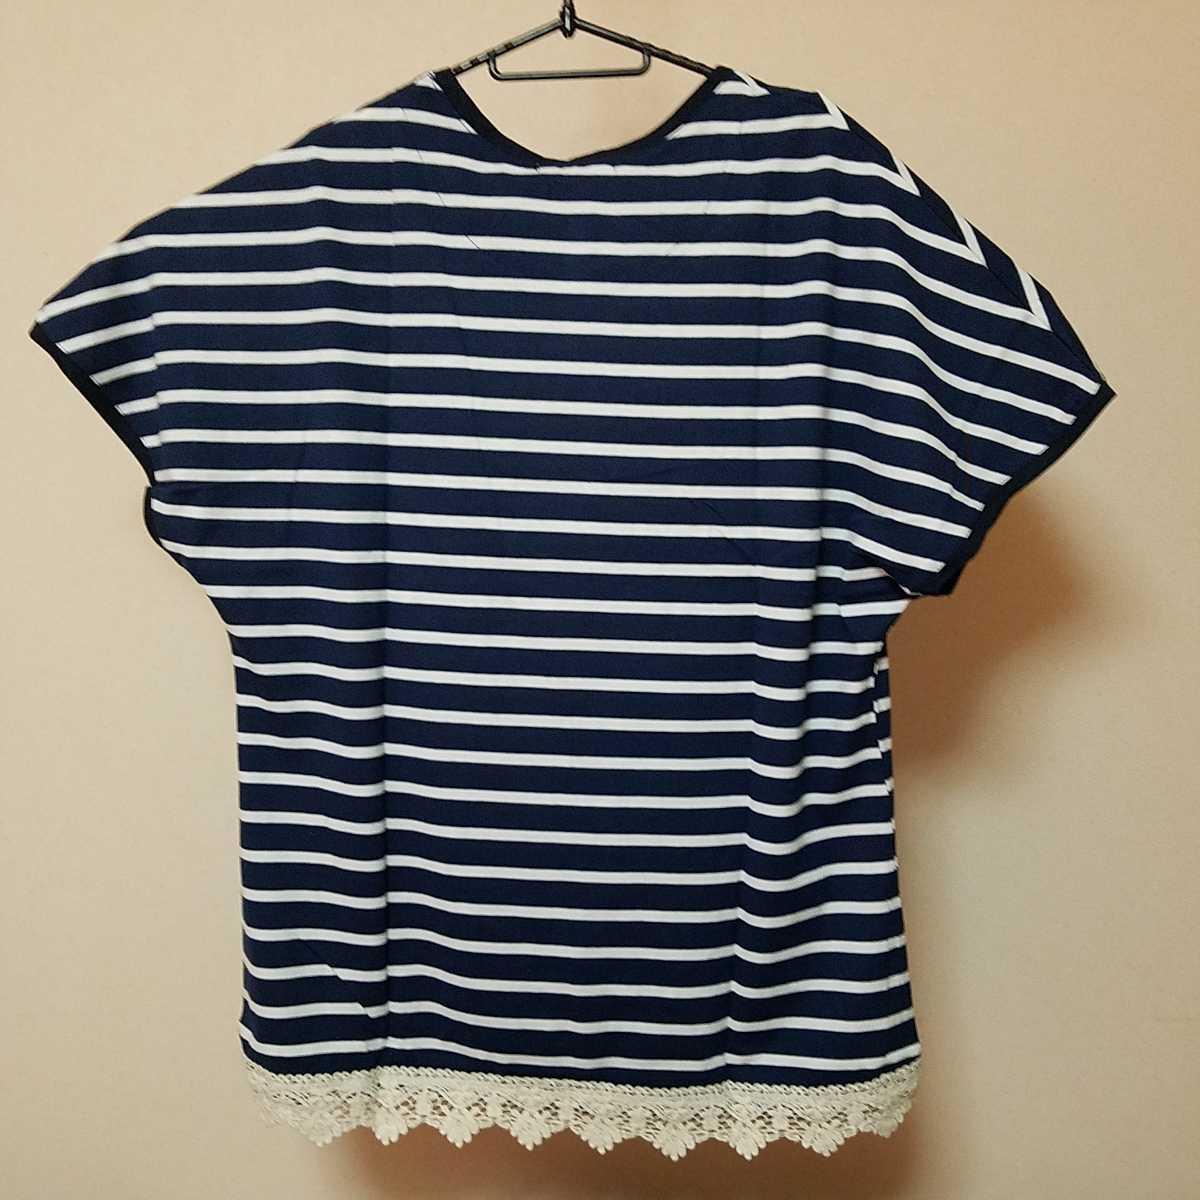 LOVE&HEARTボーダーカットソー 半袖 Tシャツ トップス 未使用